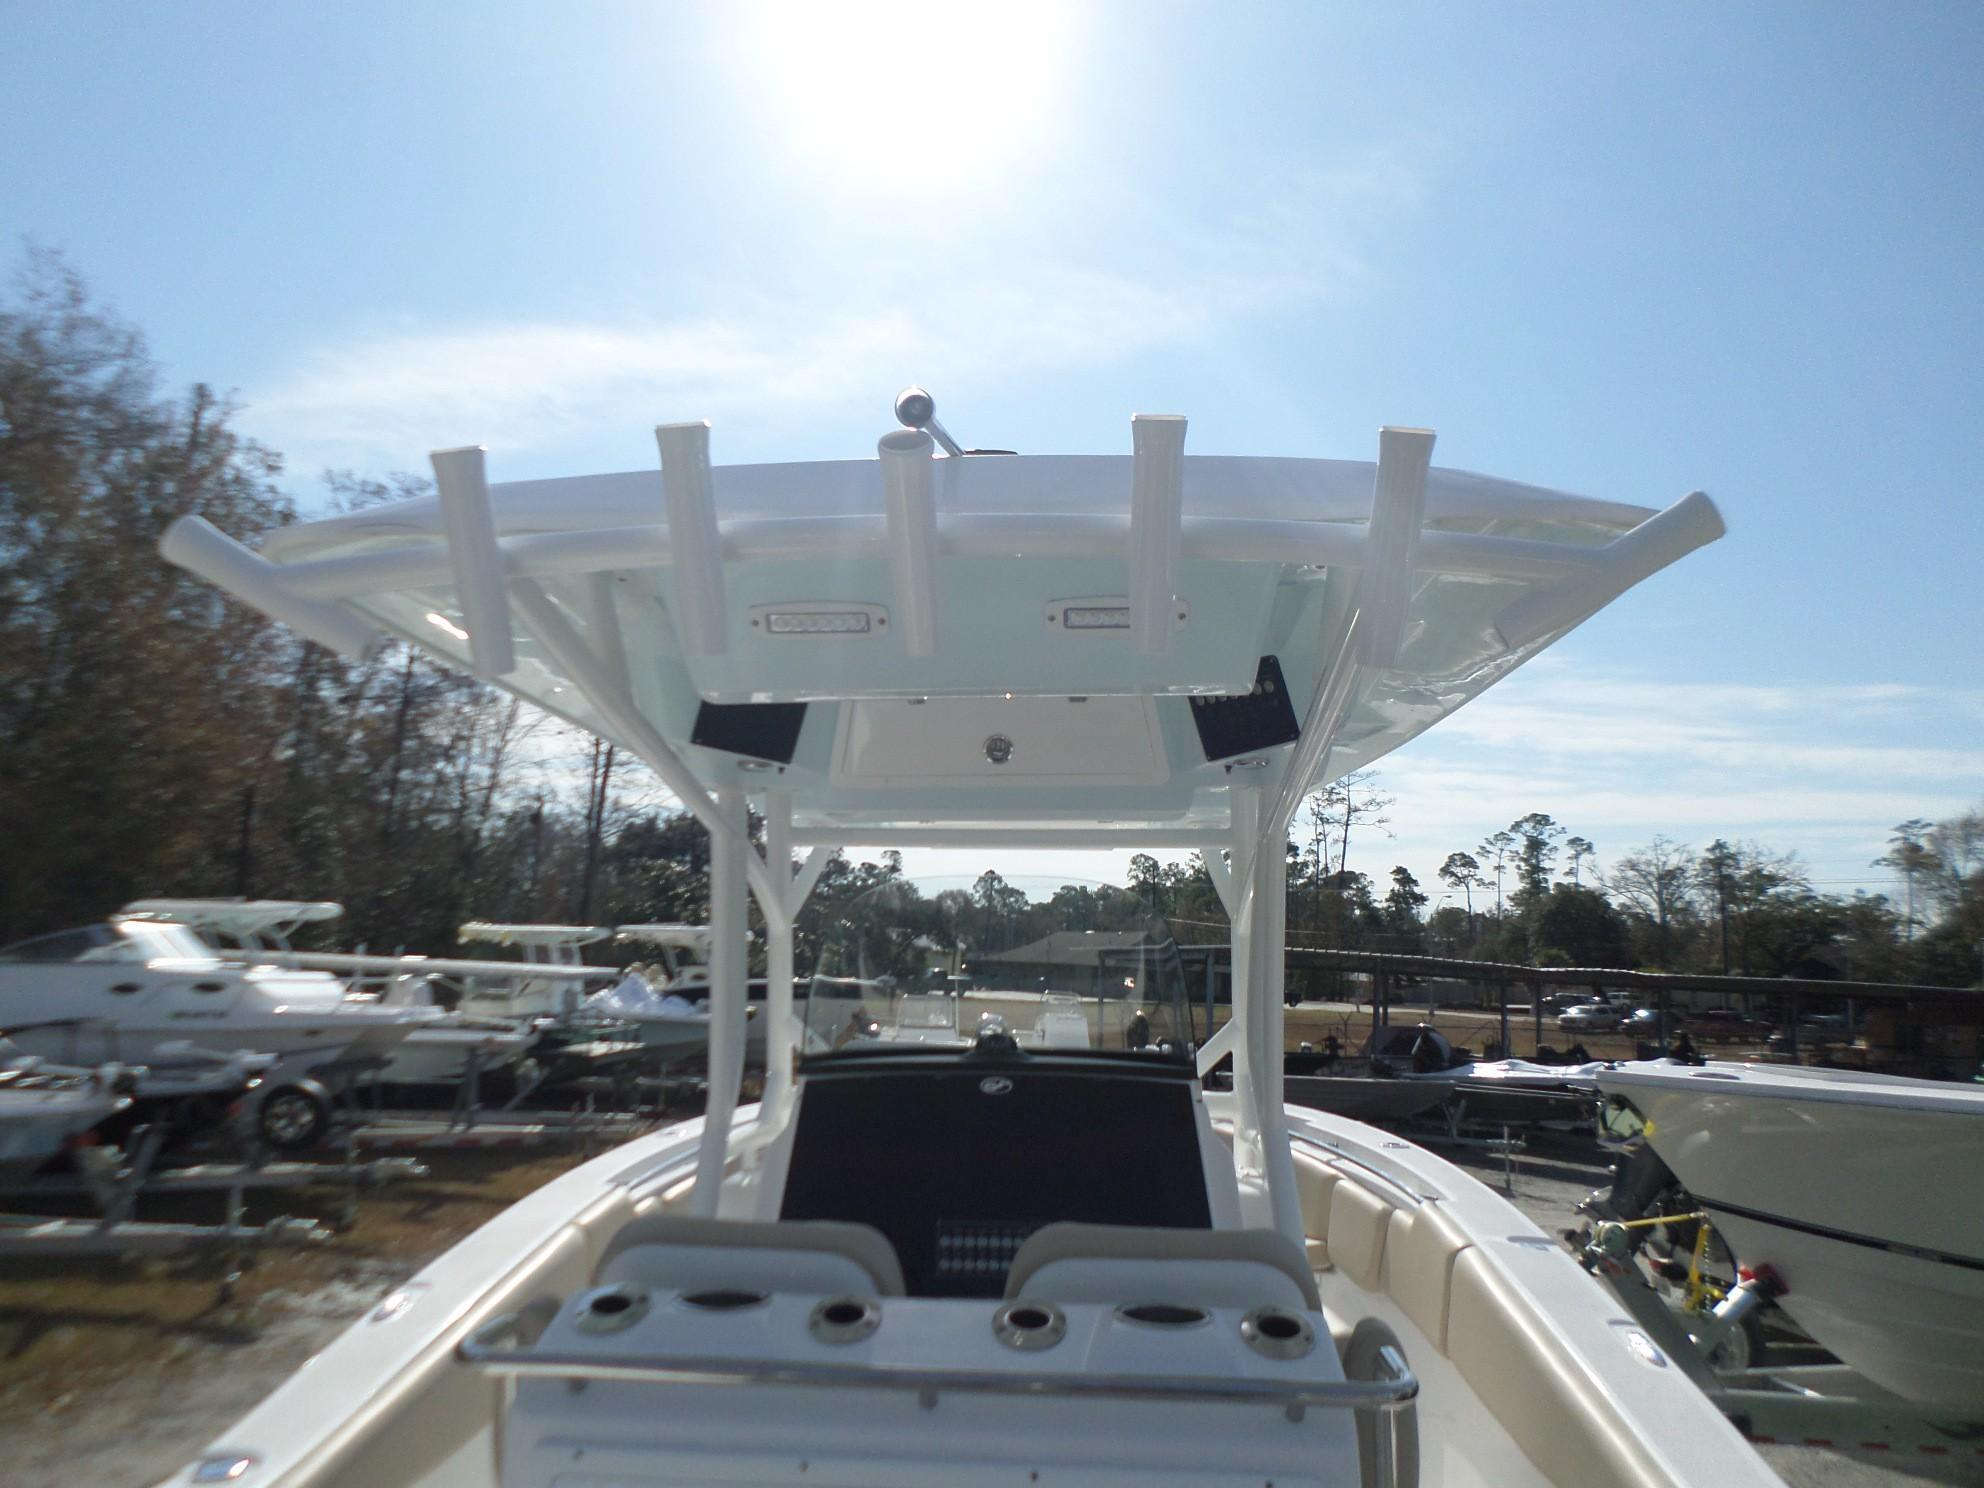 New  2018 28' Sea Fox 288 Commander Center Console in Slidell, Louisiana